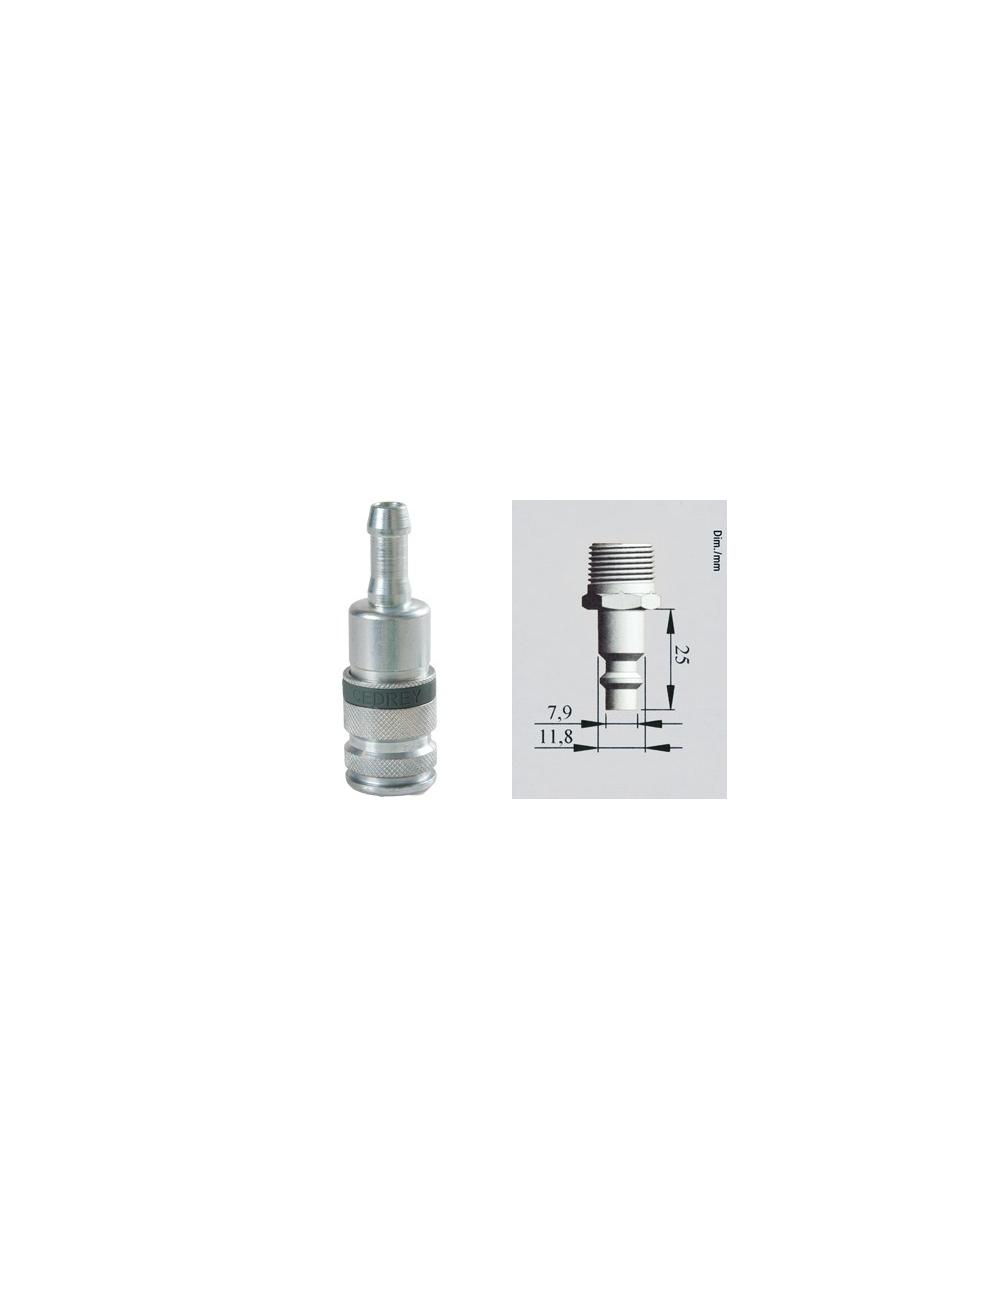 Coupleur rapide cannelé pour tuyau Ø10 mm